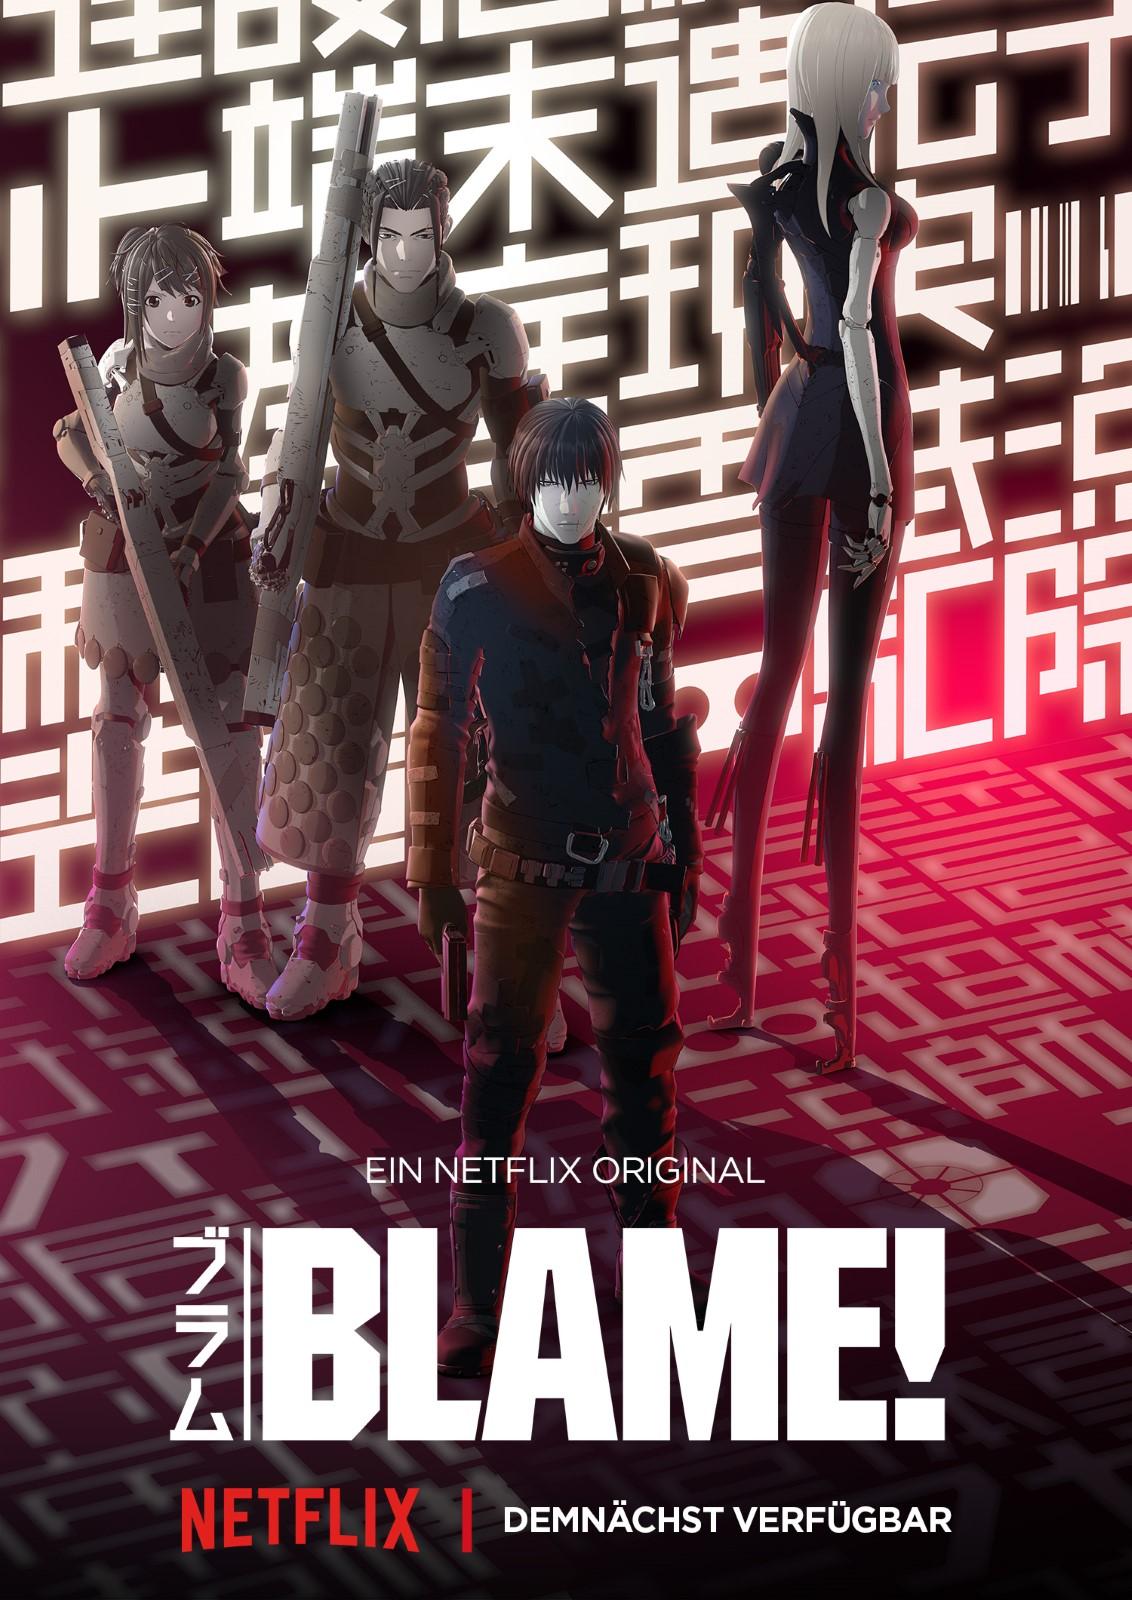 Blame! Français HDRiP